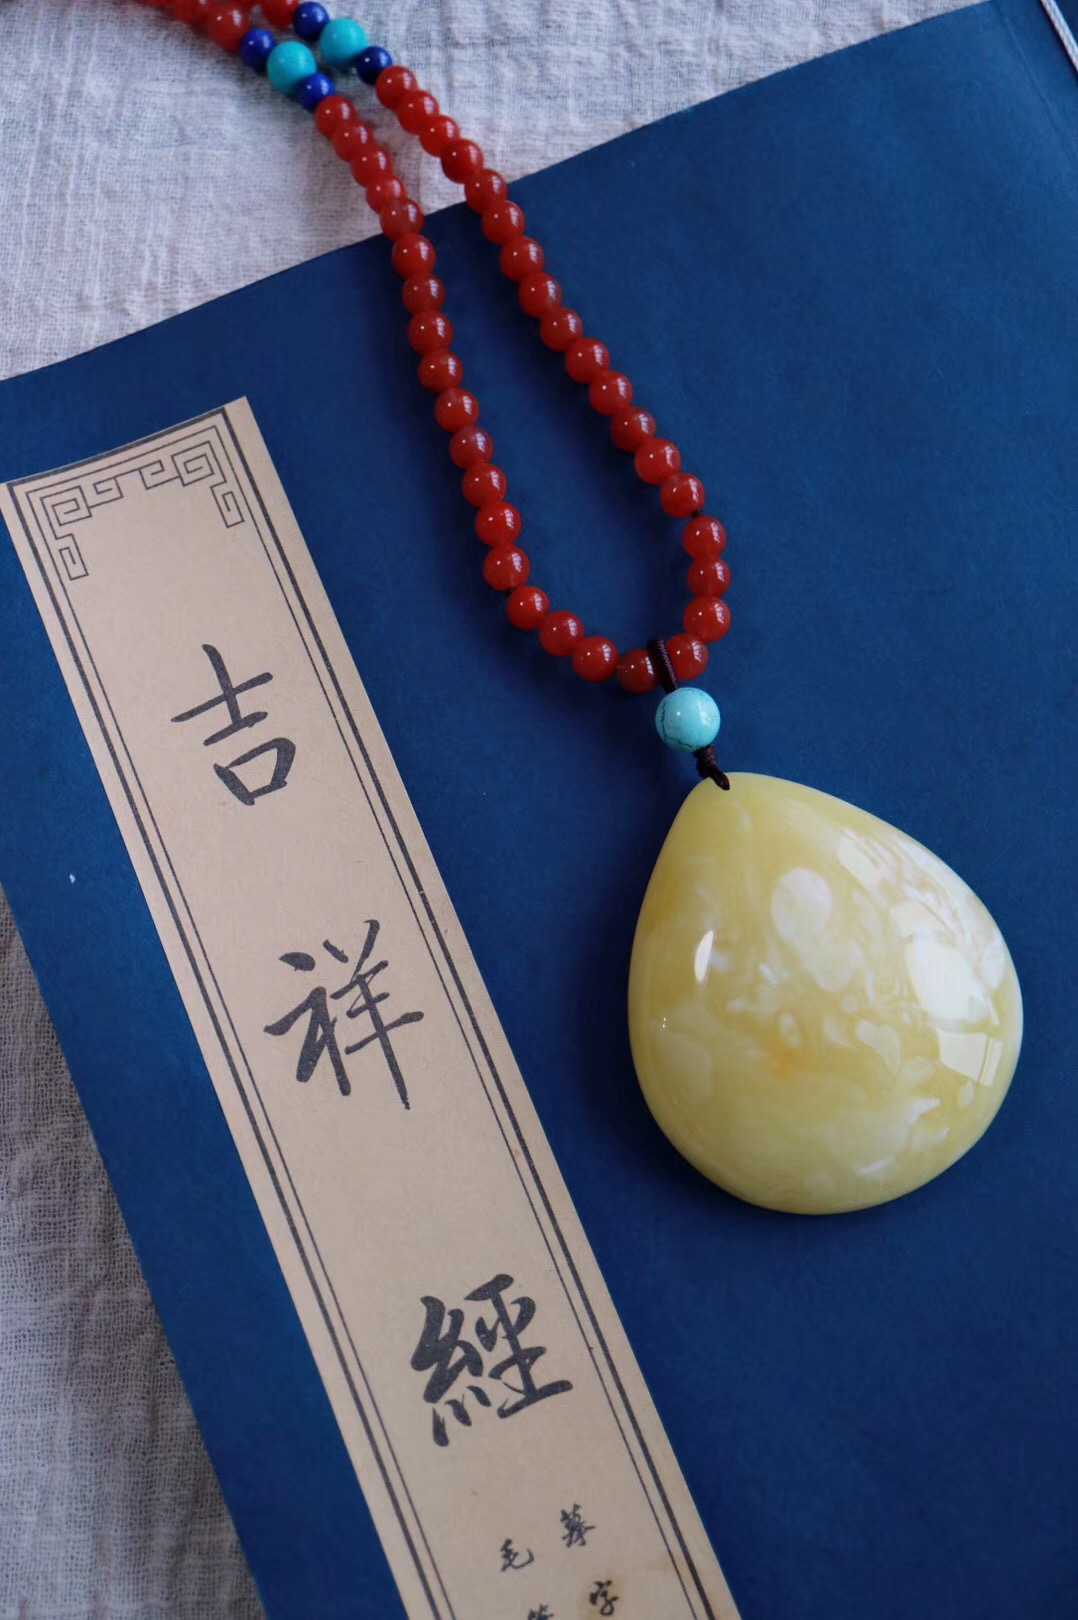 【菩心精品白花蜜 | 南红玛瑙】将赋予你一场不忘的梦境~~-菩心晶舍